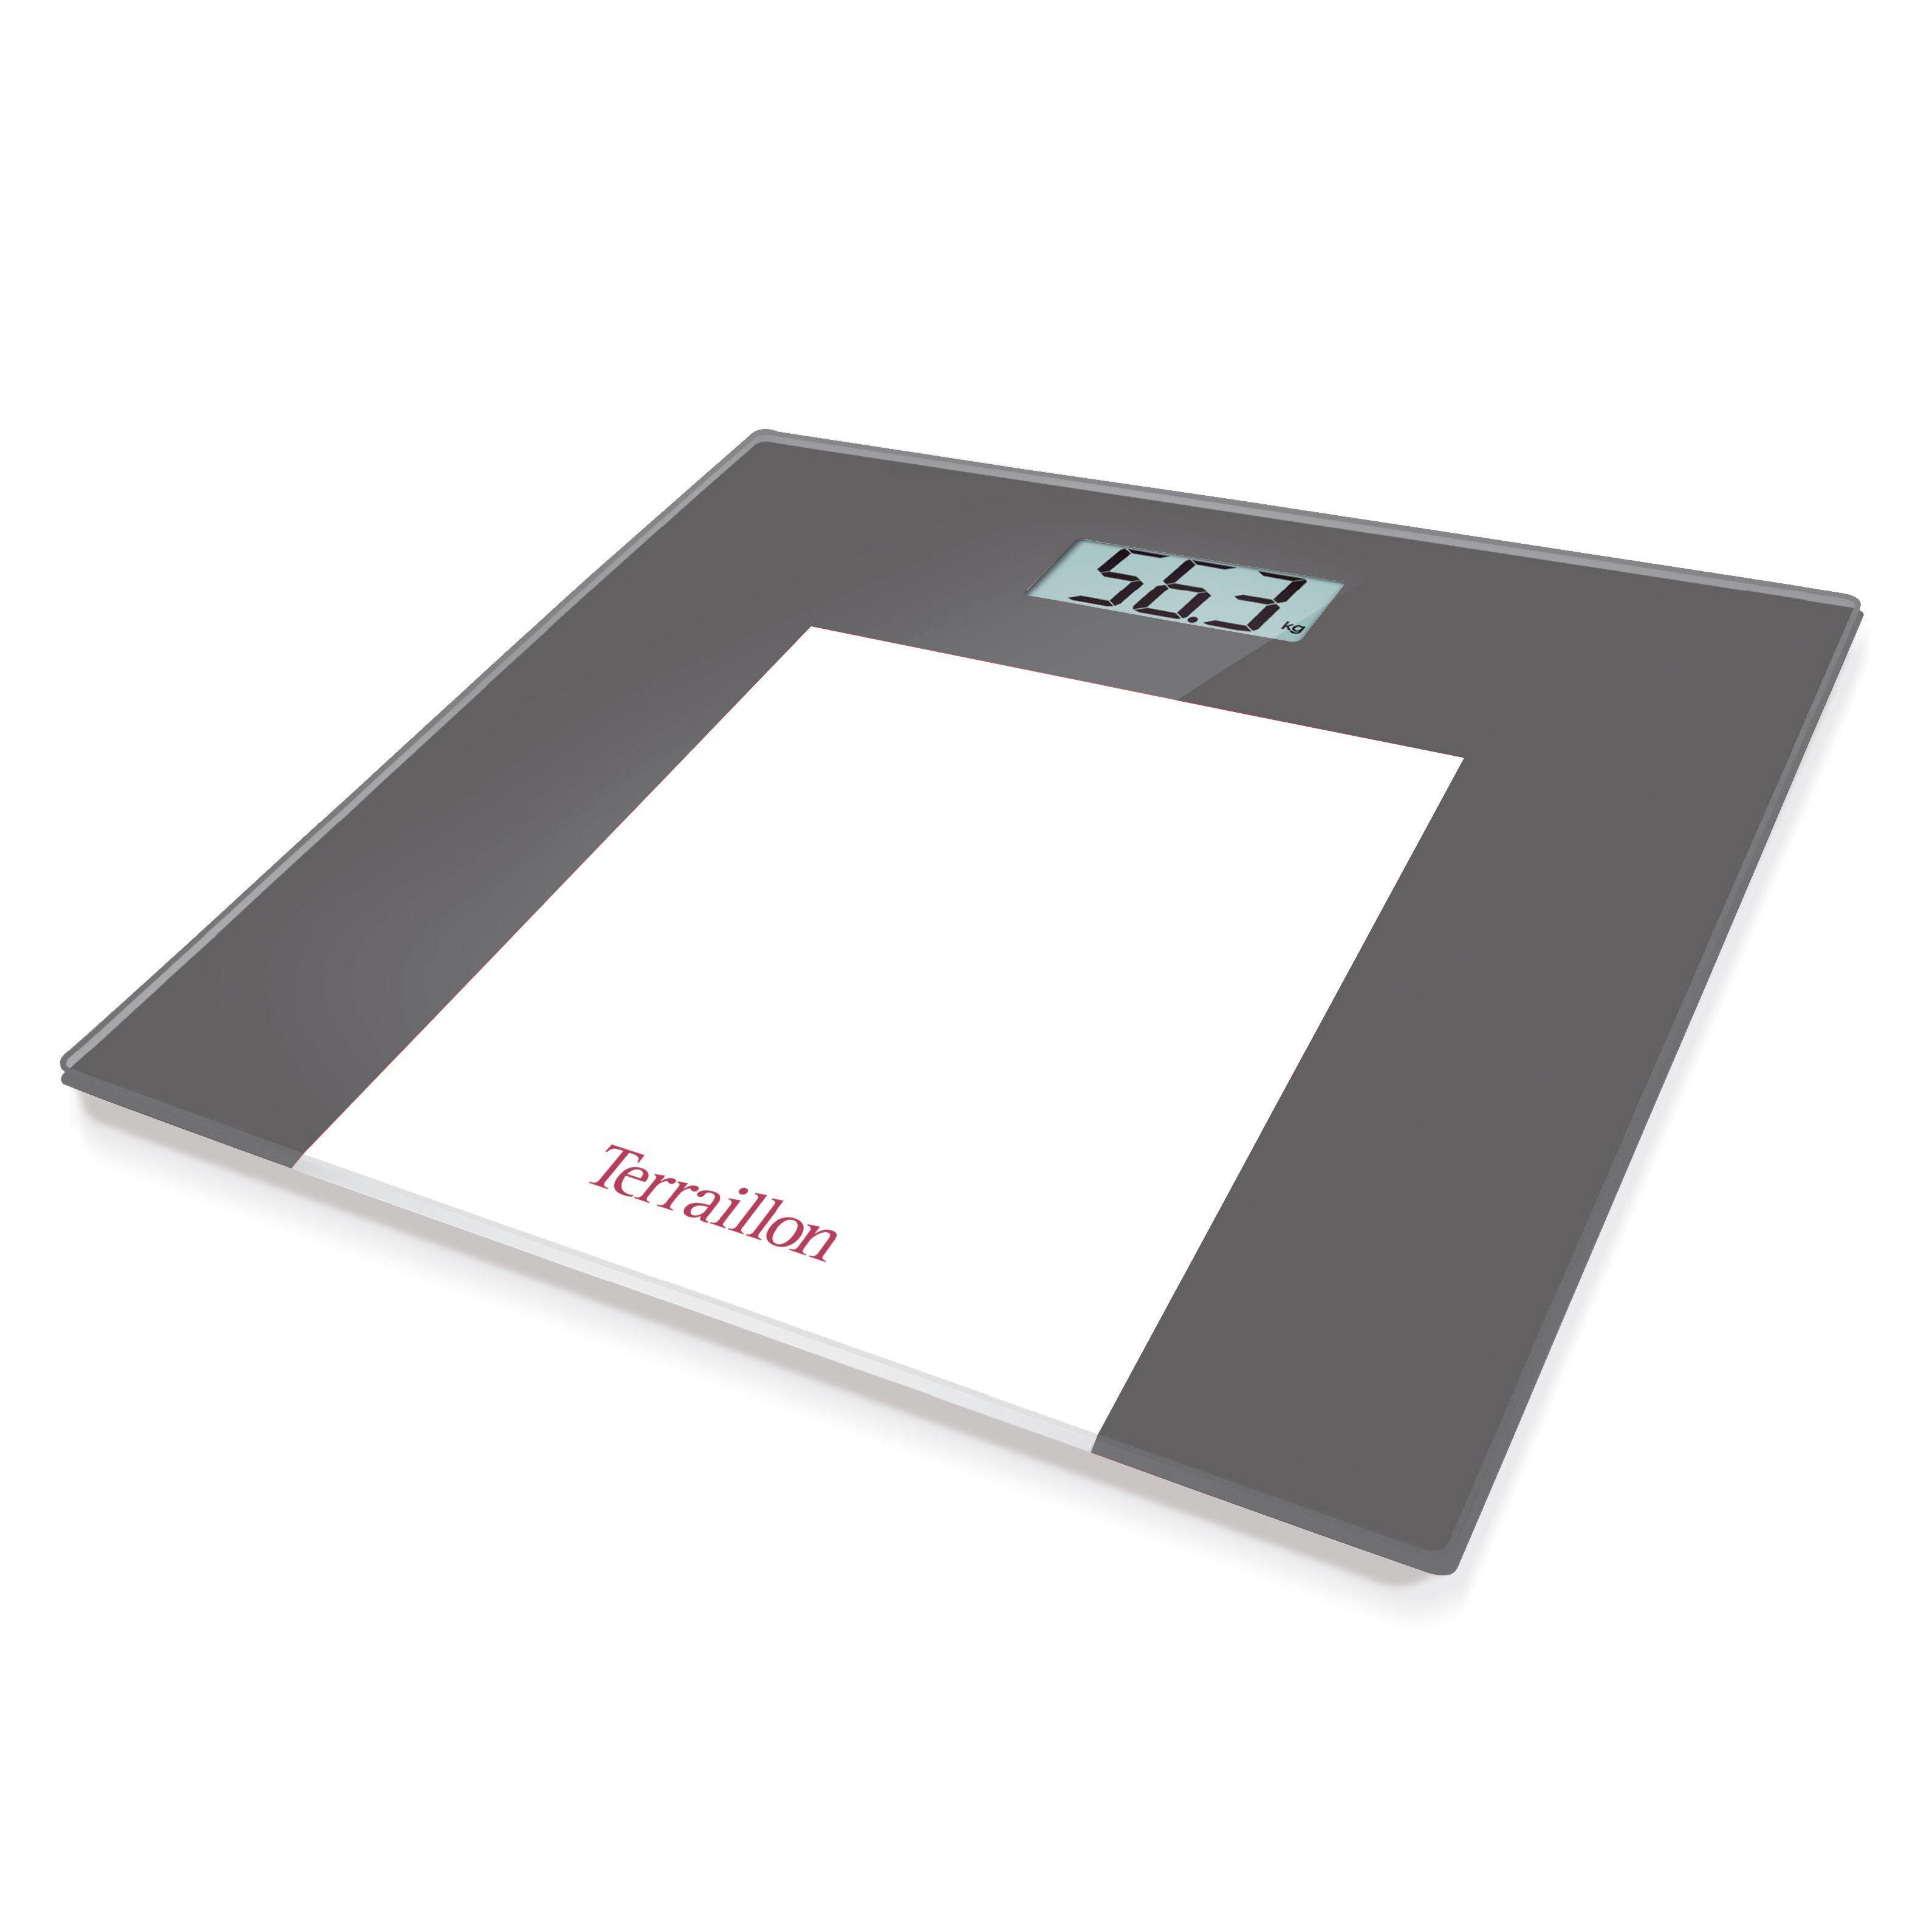 B q bathroom scales - Terraillon Grey Slim Bathroom Scale